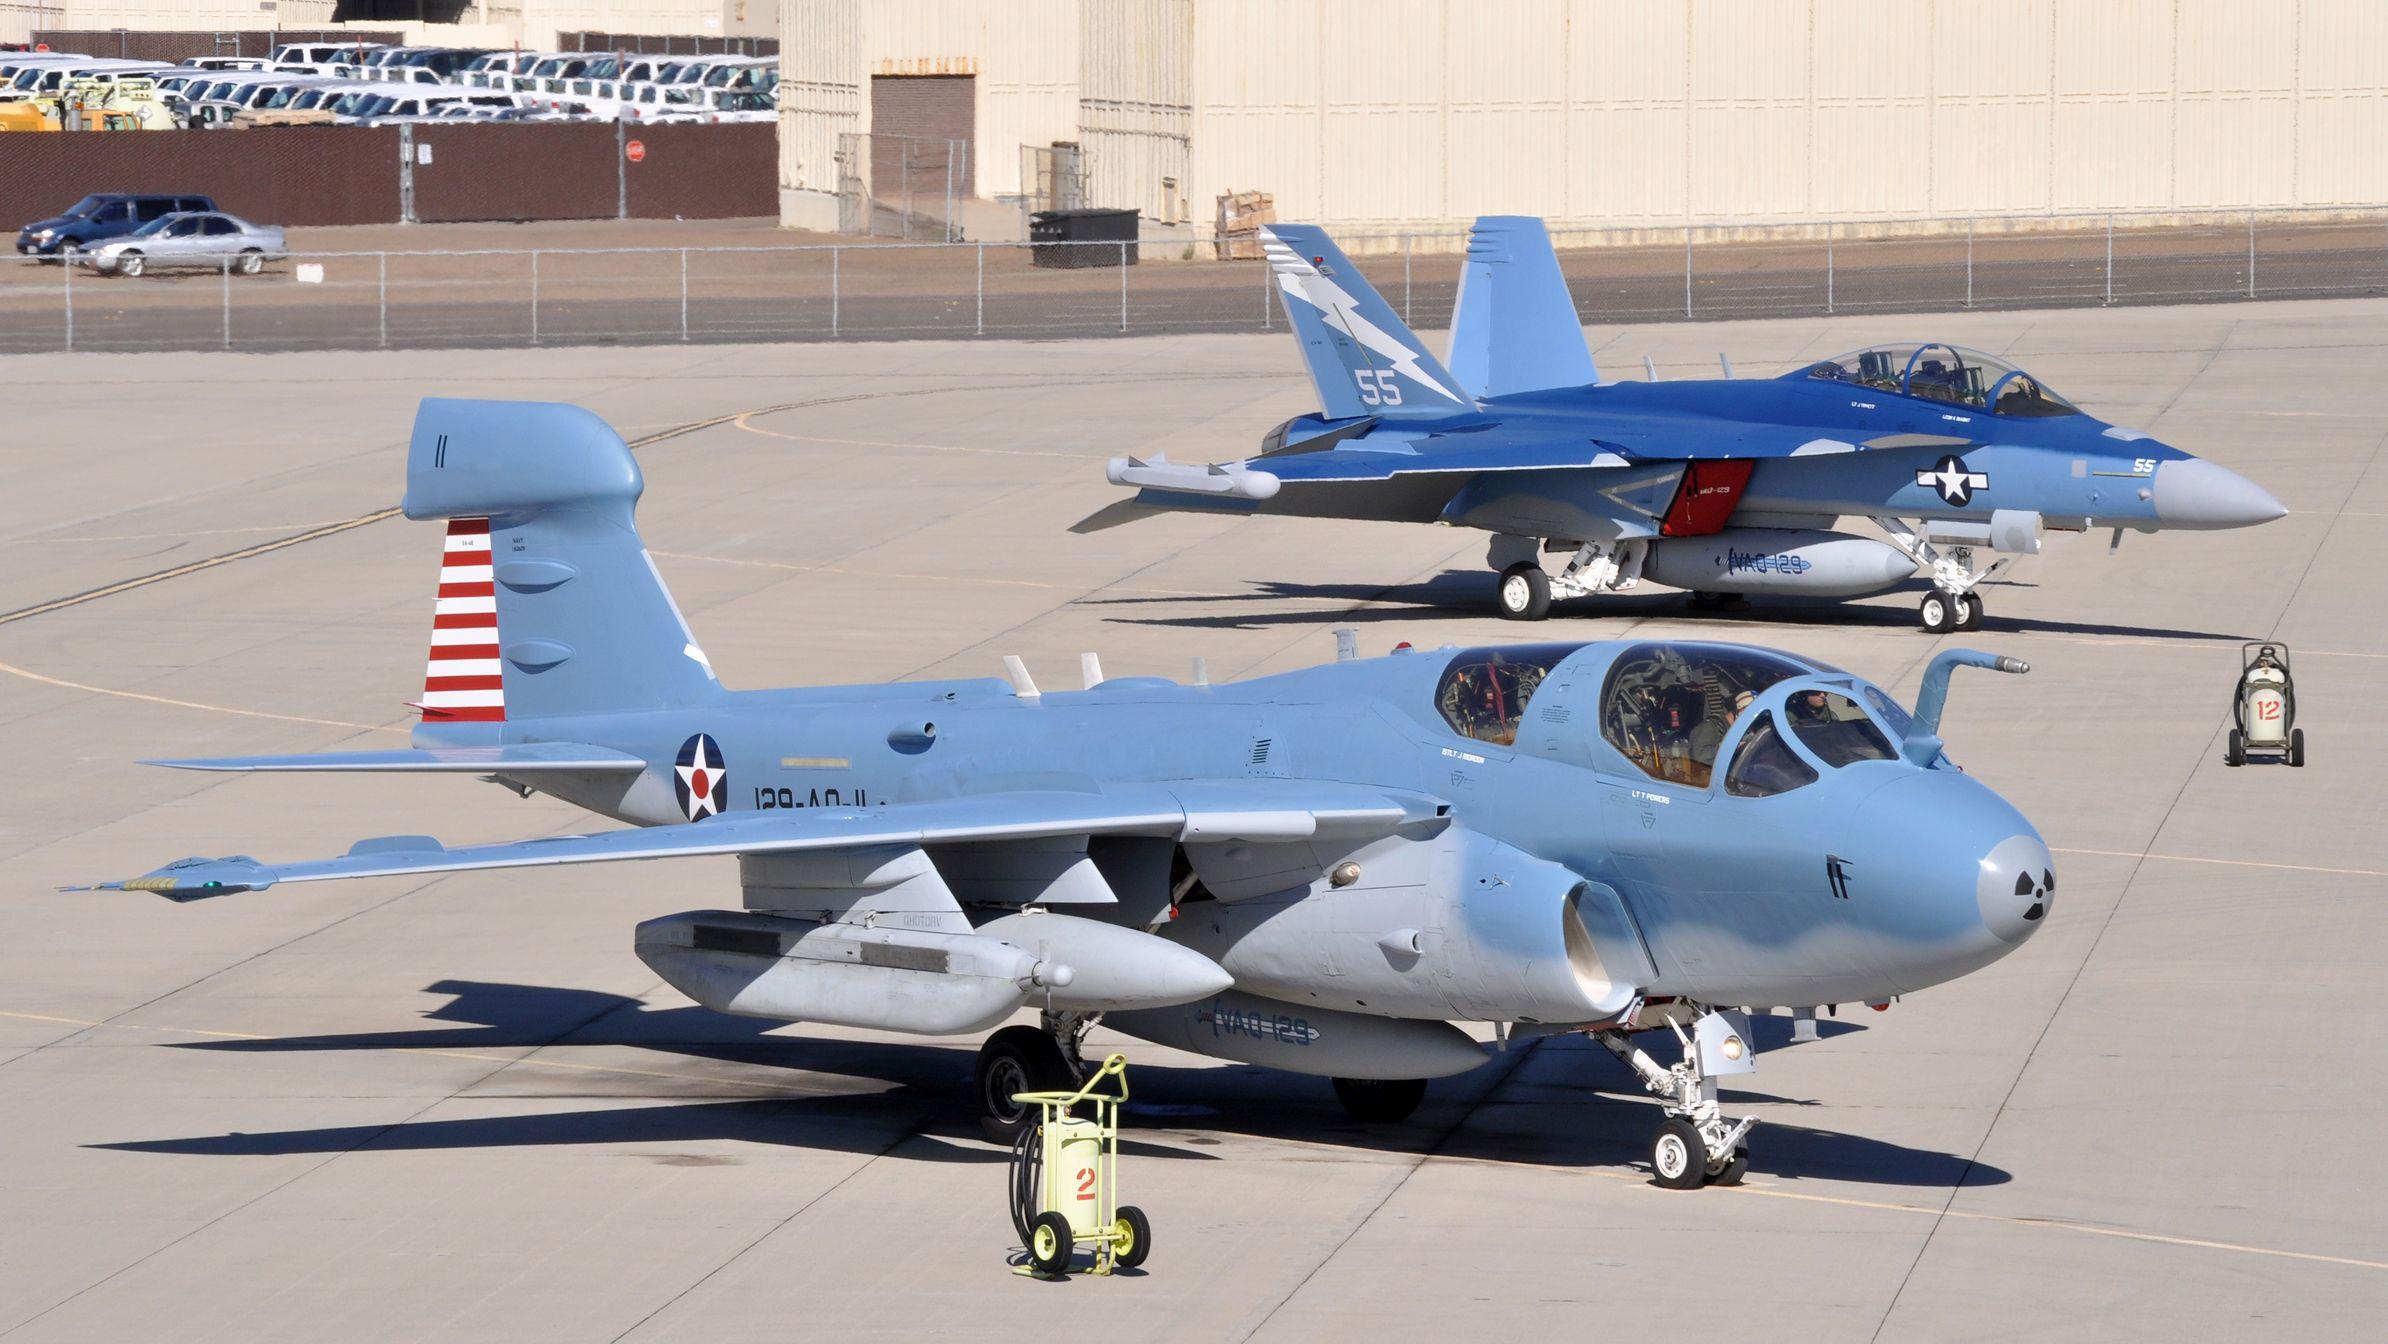 Poprzednik i następca. Prowler (na pierwszym planie) i Growler z eskadry VAQ-129. Maszyny otrzymały malowanie upamiętniające służbę amerykańskiego lotnictwa pokładowego w czasie drugiej wojny światowej (fot. US Navy / Petty Officer 2nd Class Joseph Moon)